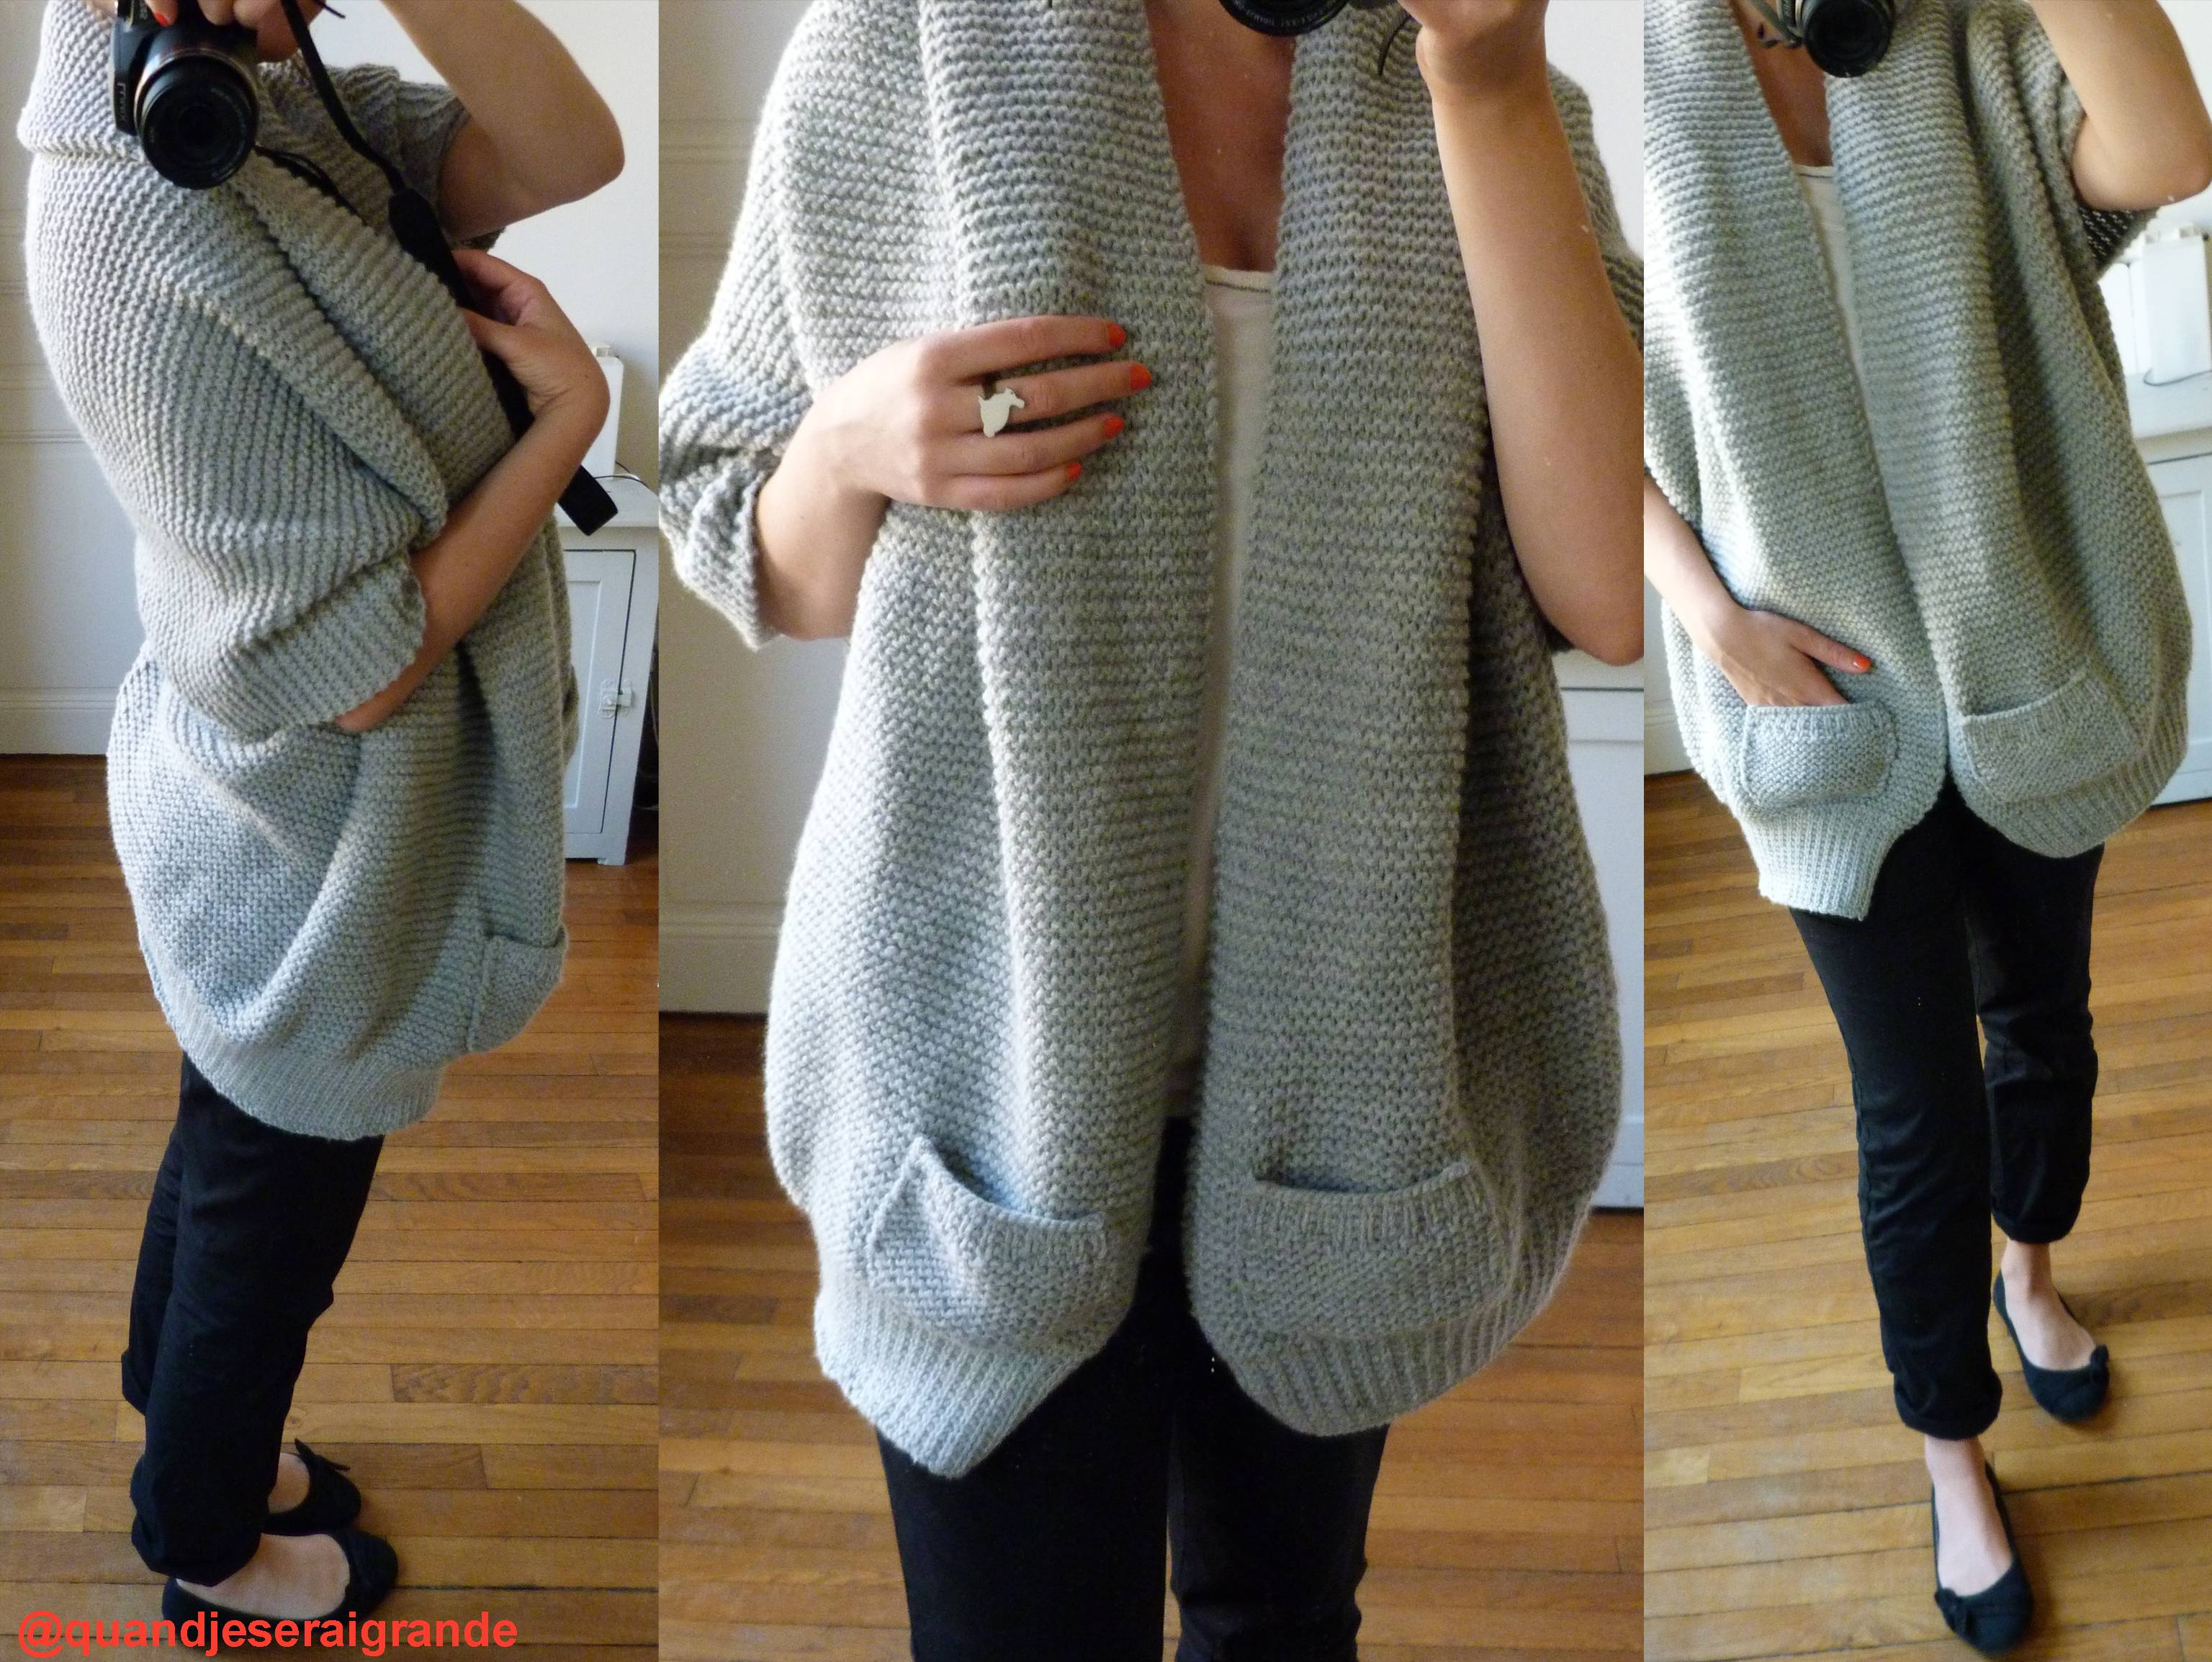 Mod le gilet tricot aiguille 7 - Modele tricot aiguille circulaire ...